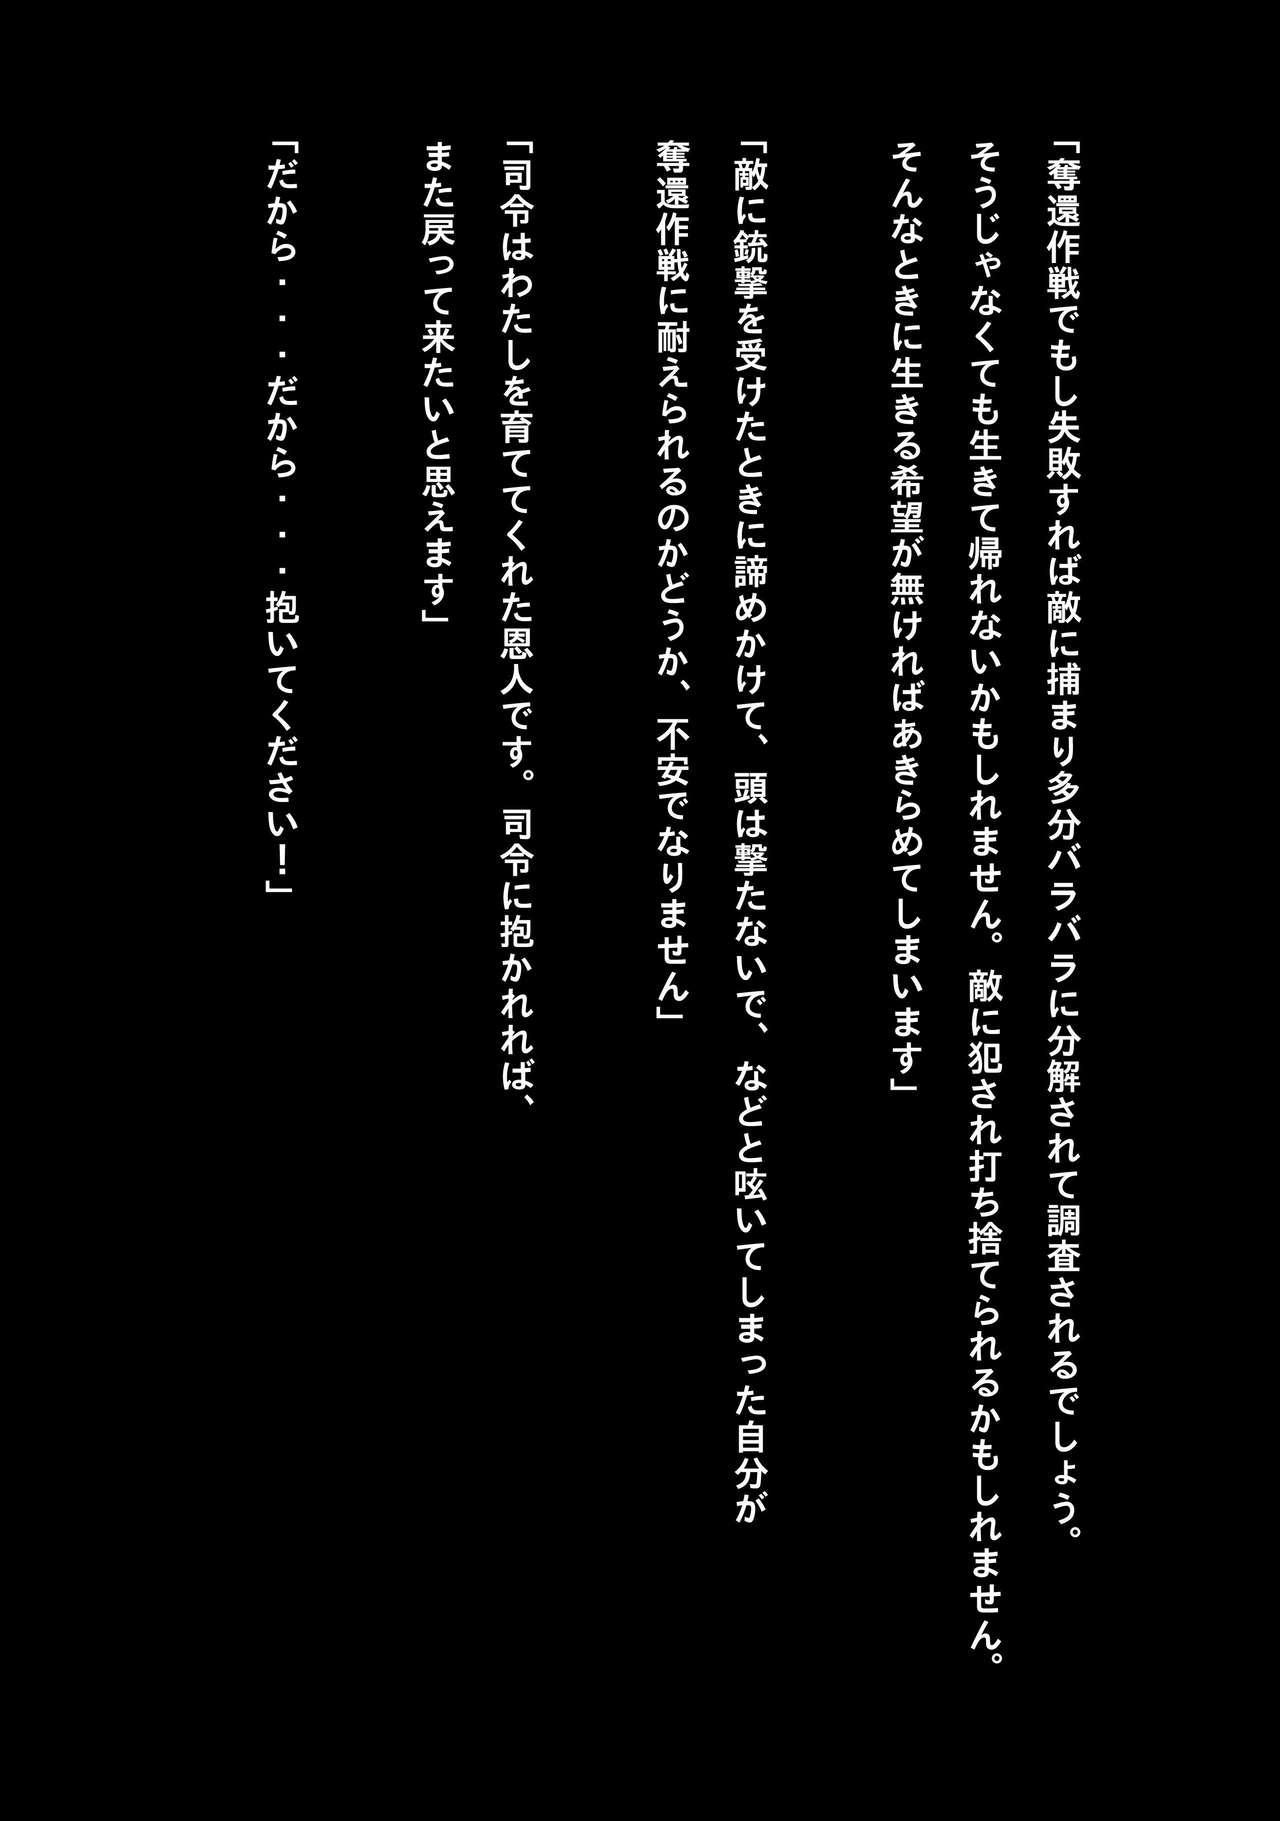 Idol Cyber Battle NEO GENERATOR episode 3 Seisan! Shi o kakugo shita shunkan 52